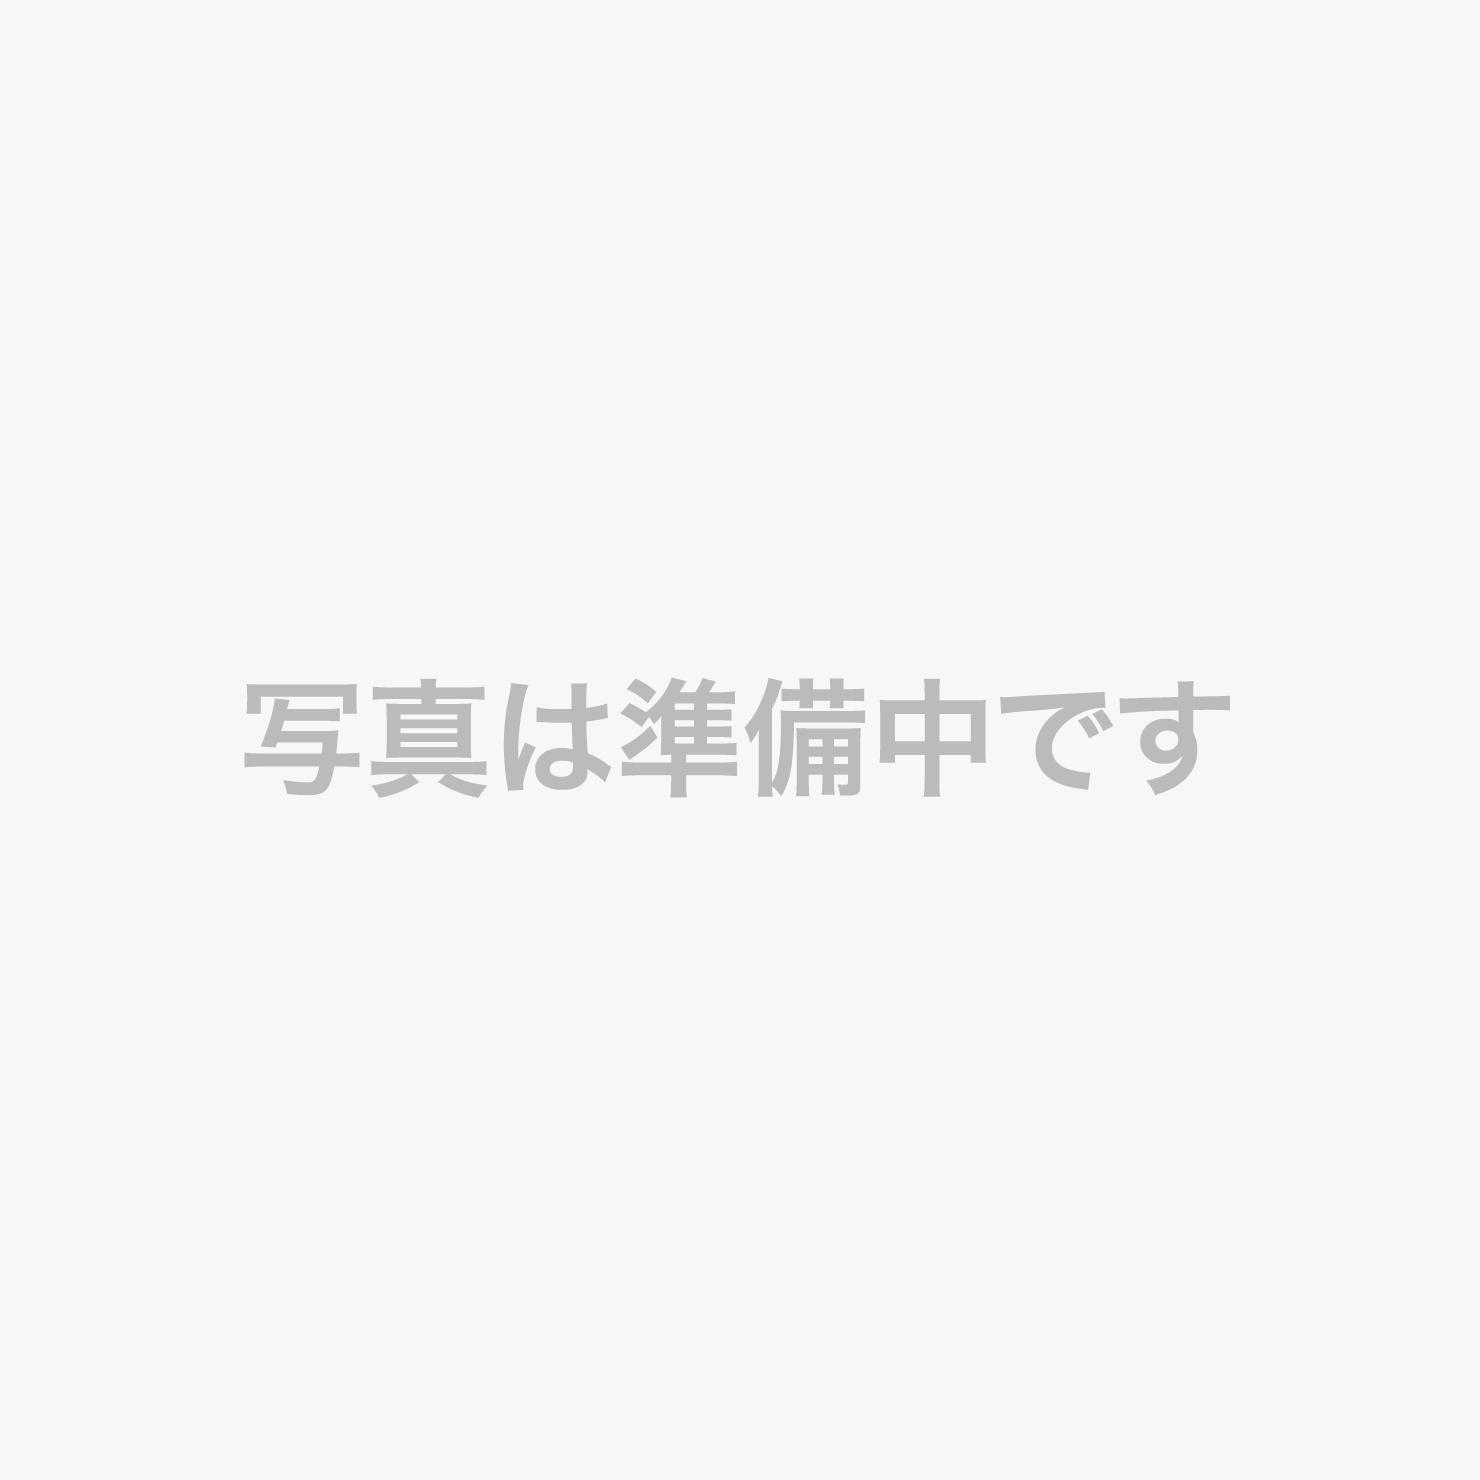 みちのくYOSAKOIまつり(写真提供:宮城県観光課)